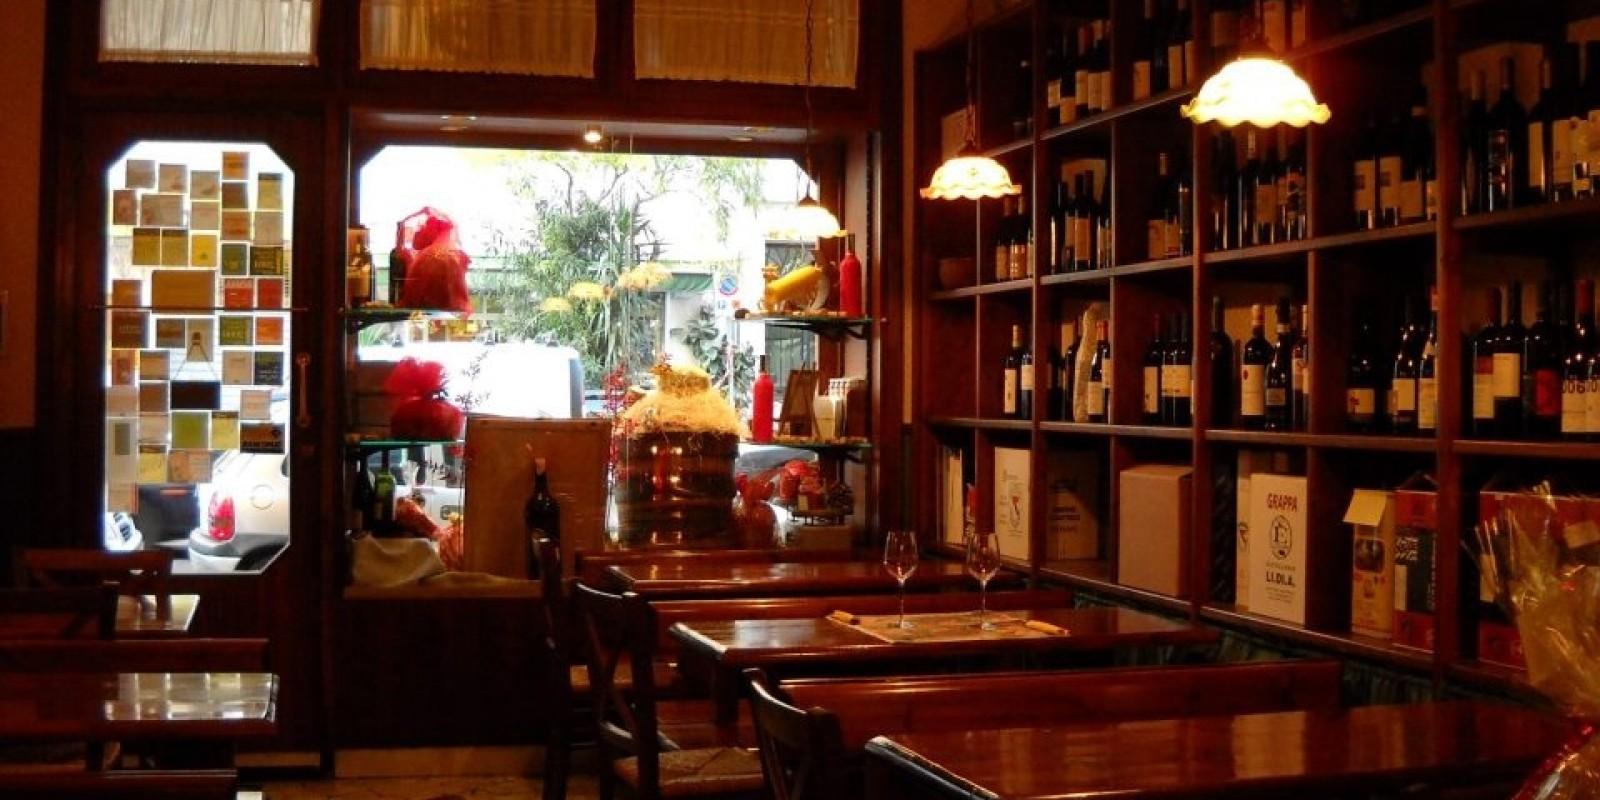 Guida alle migliori enoteche di roma con cucina for Cucina e roma